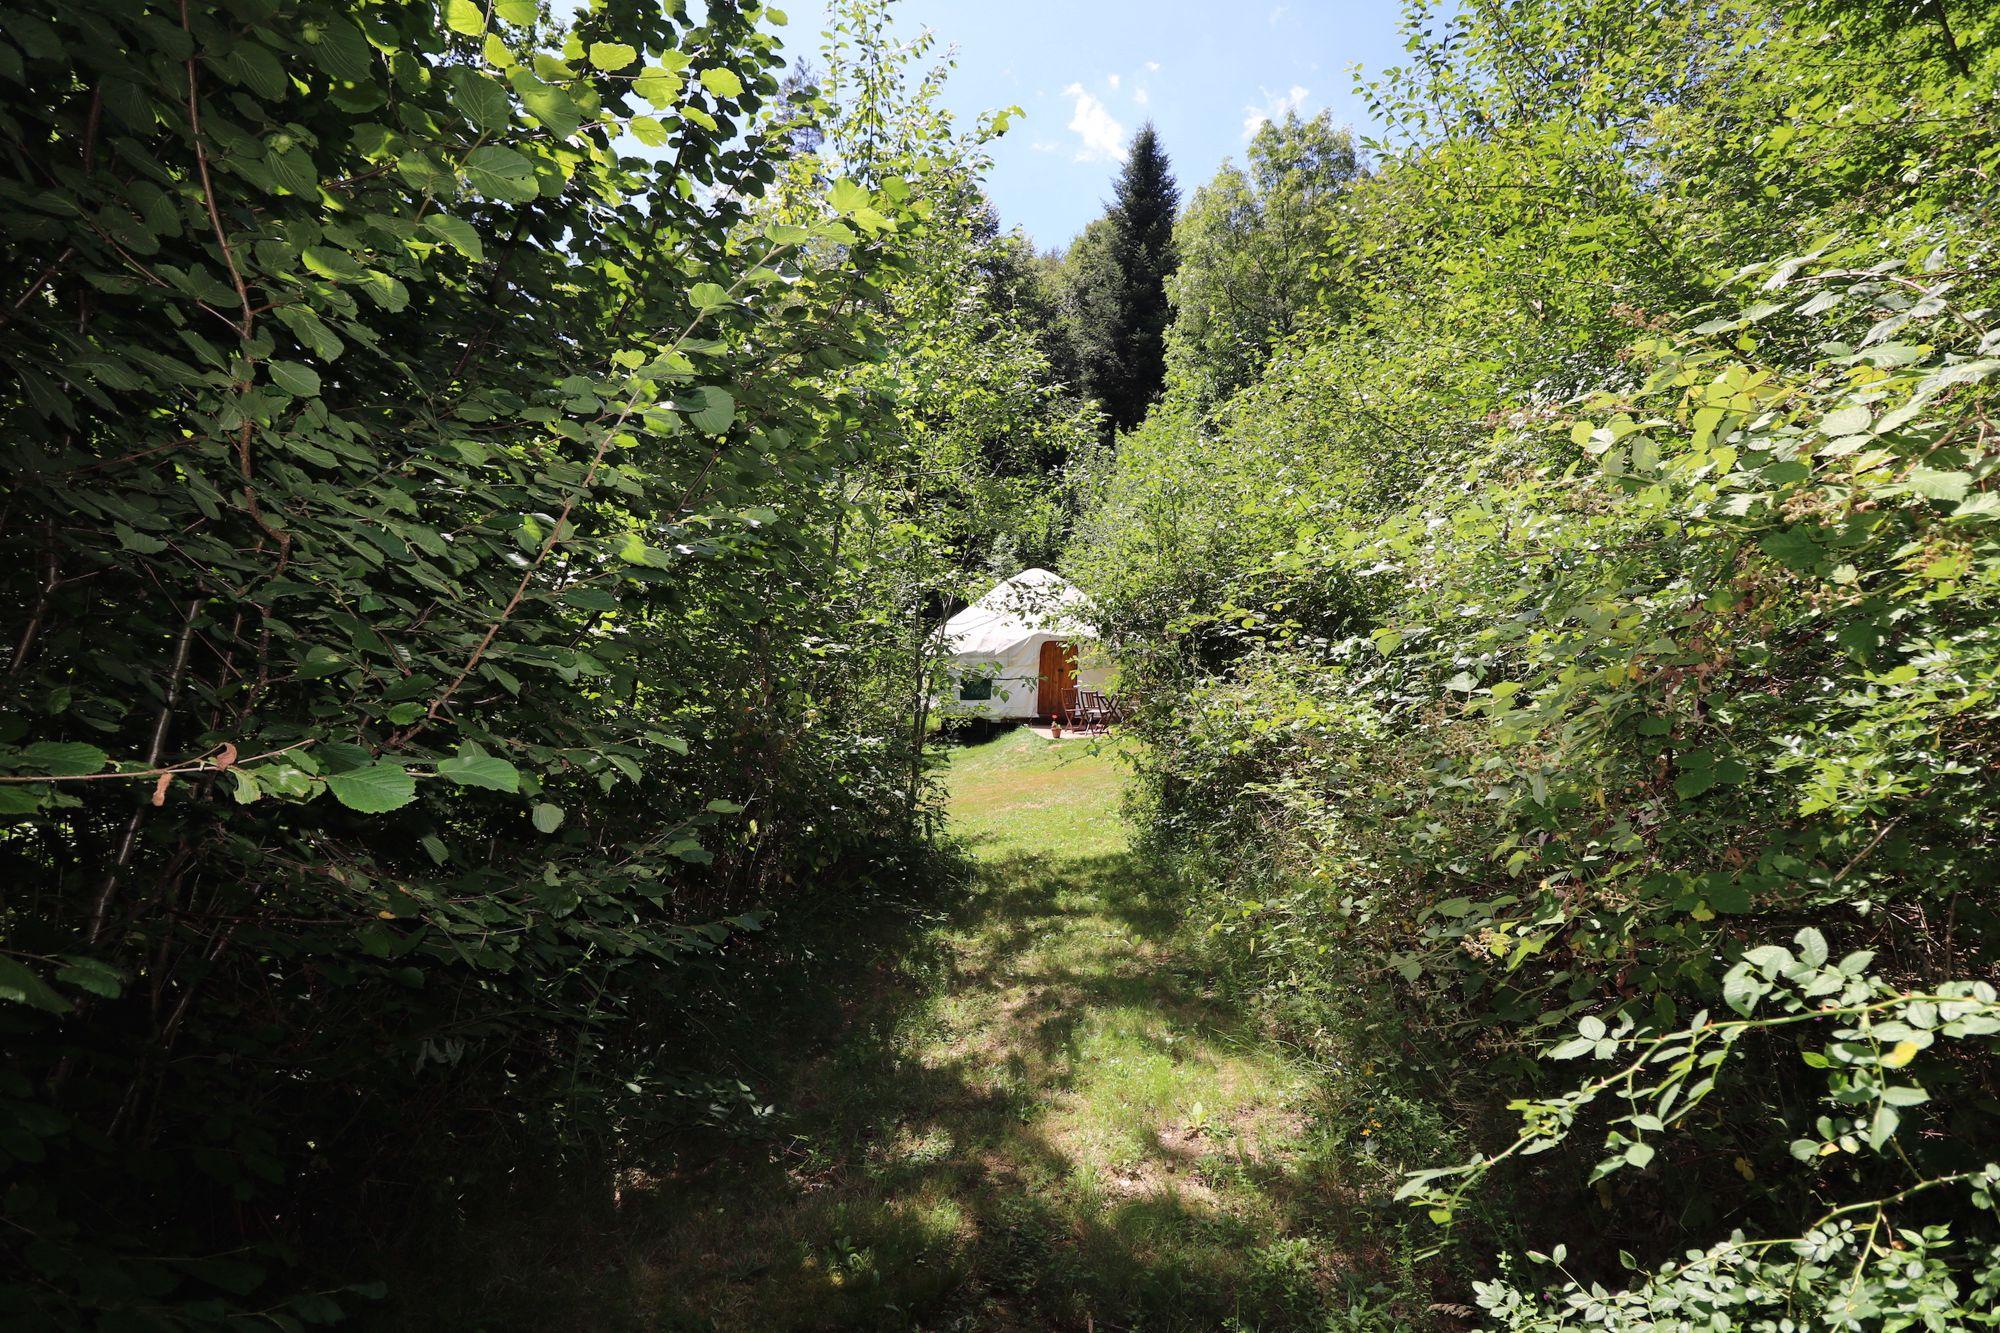 Campsites in Auvergne holidays at I Love This Campsite